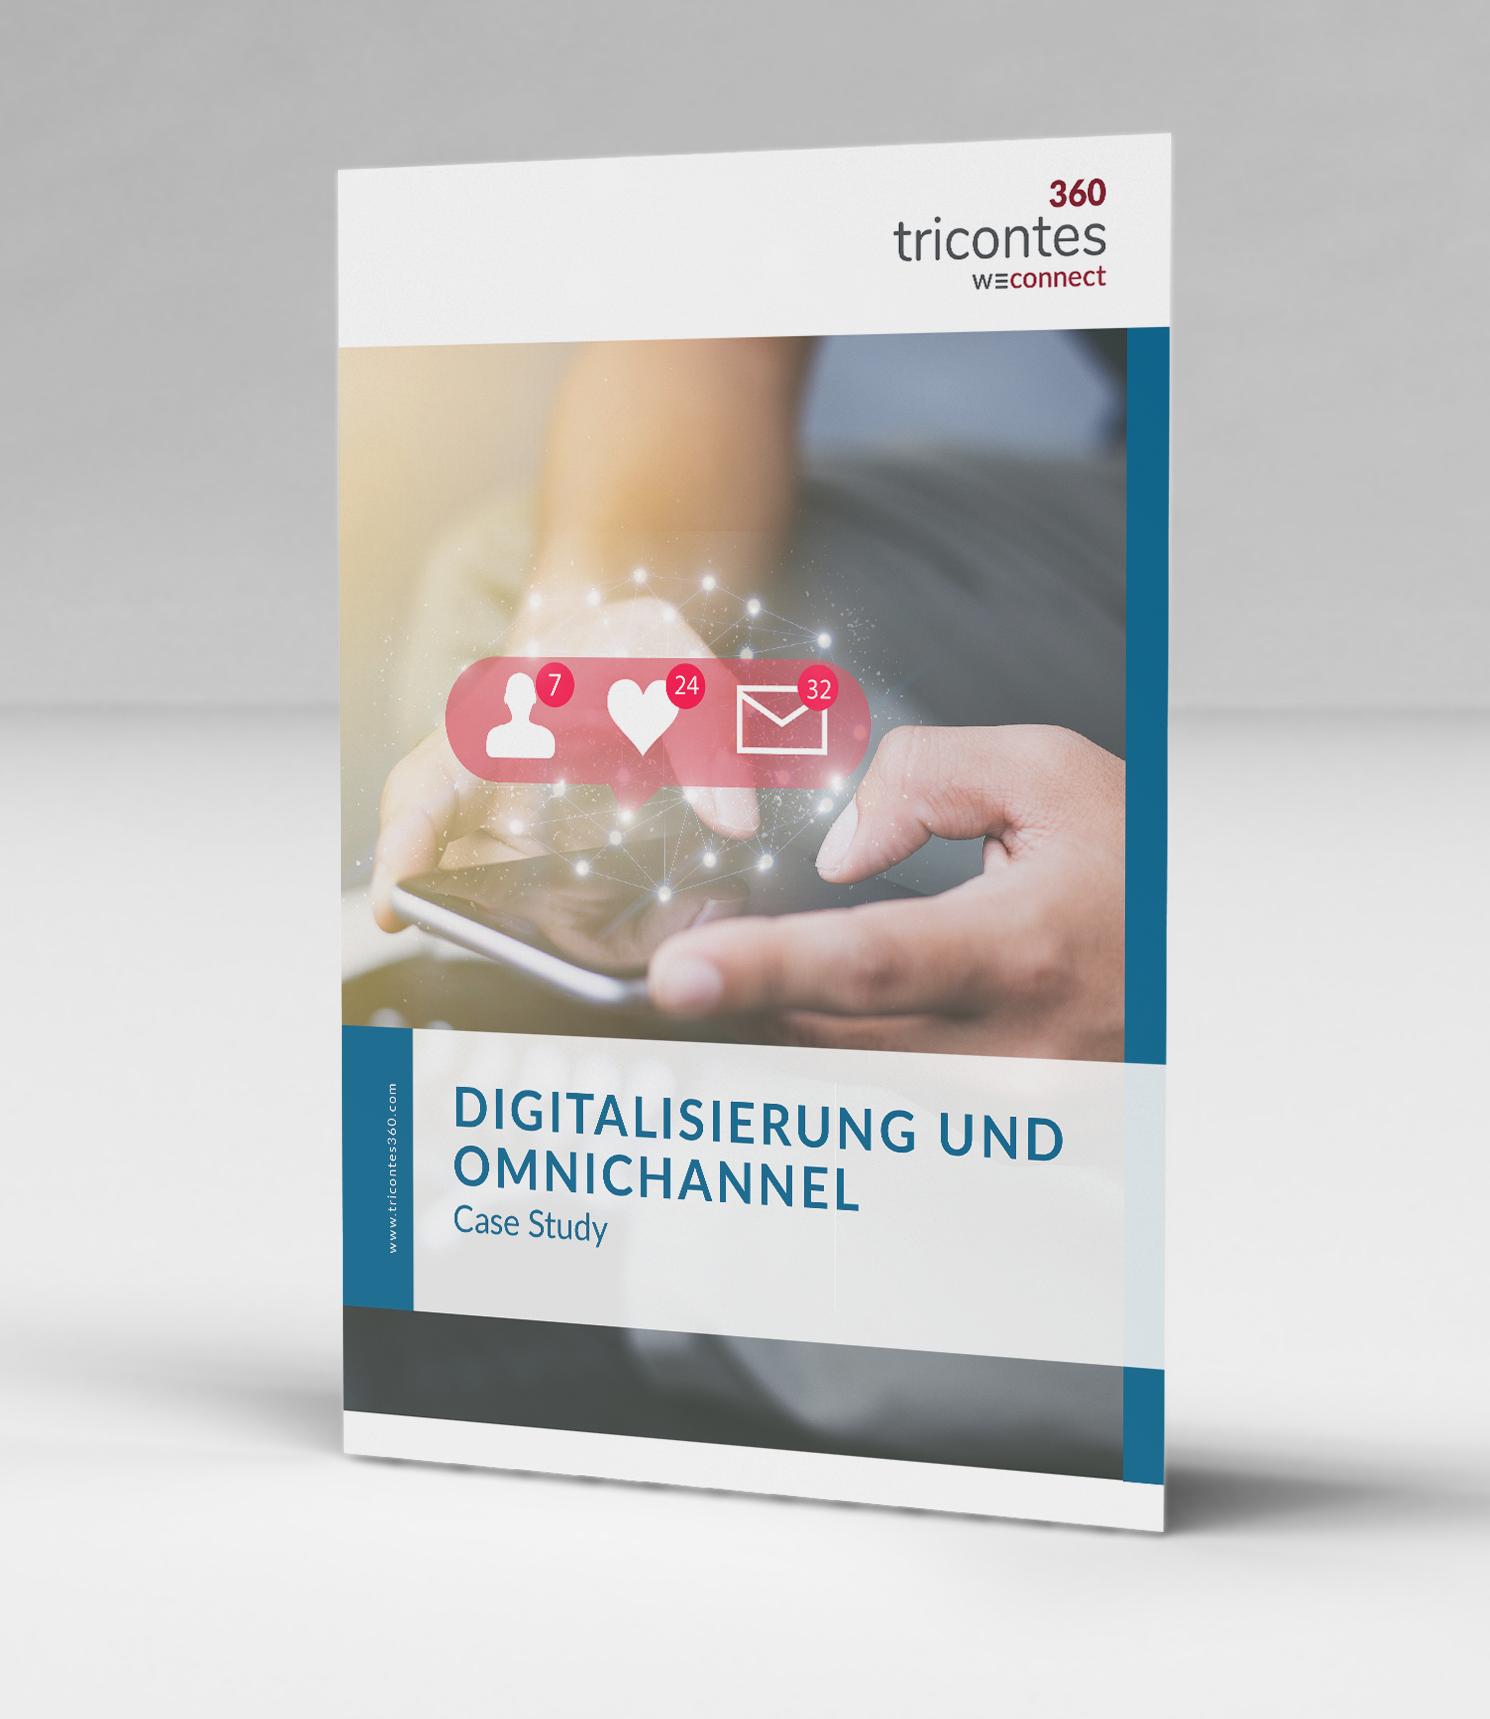 Case Study – Digitalisierung und Omnichannel